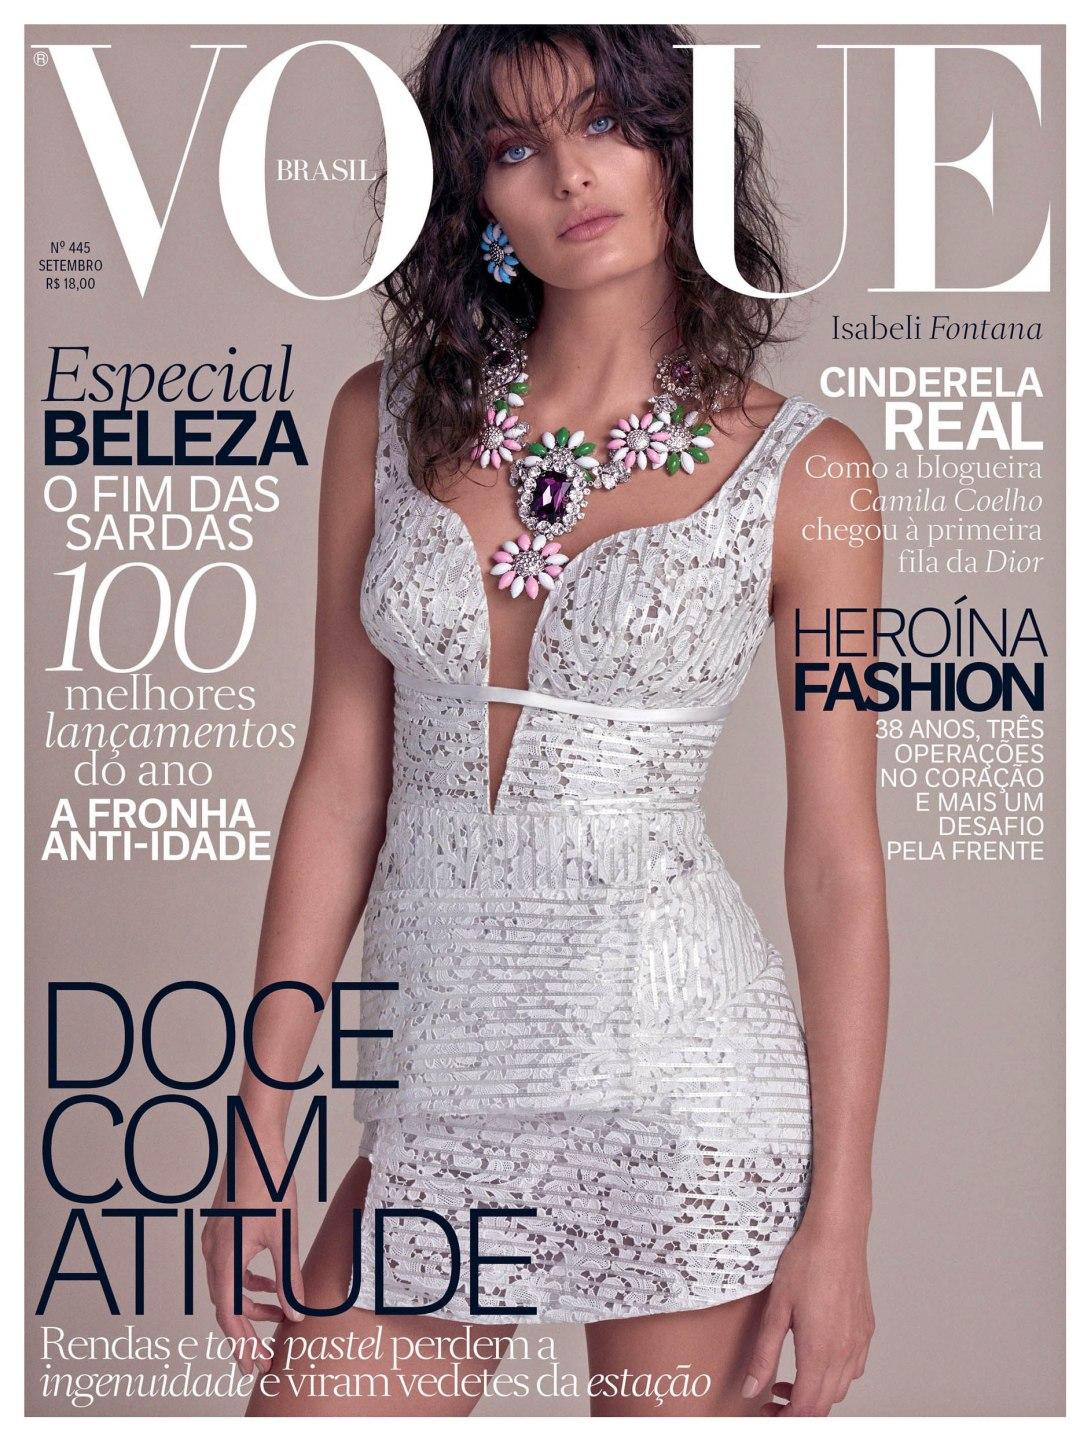 A top Isabe Fontana veste Tufi Duek na capa da Vogue setembro. Design: Eduardo Pombal, Modelagem e desenvolvimento: Christian Monteiro e Denise Mazine